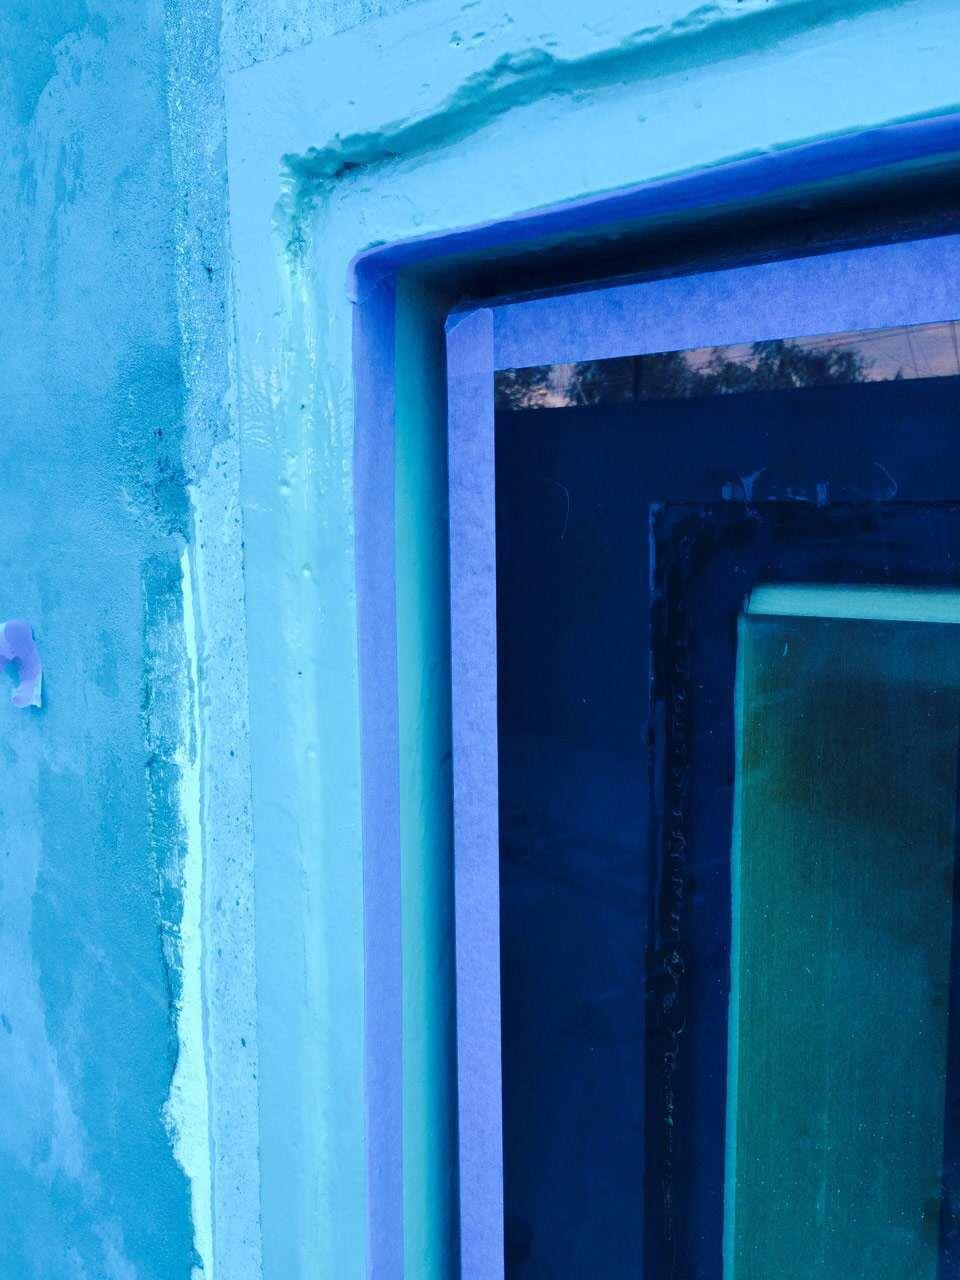 Swimming Pool Window Leak Repair